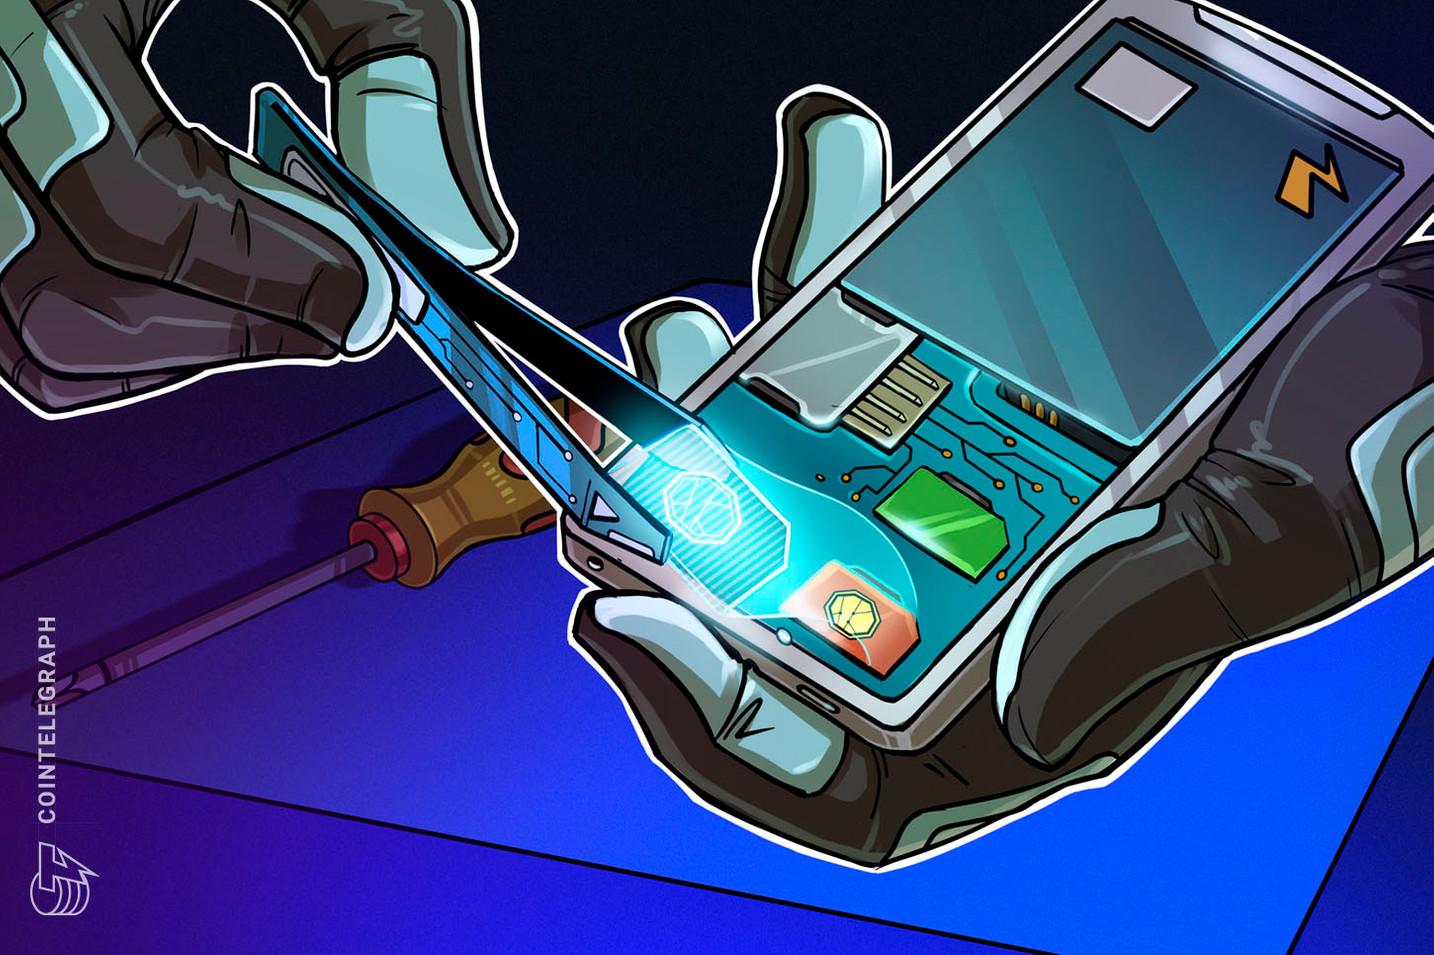 Bericht: Algorands Investmentzweig verliert knapp 2 Mio. US-Dollar durch Hackerangriff